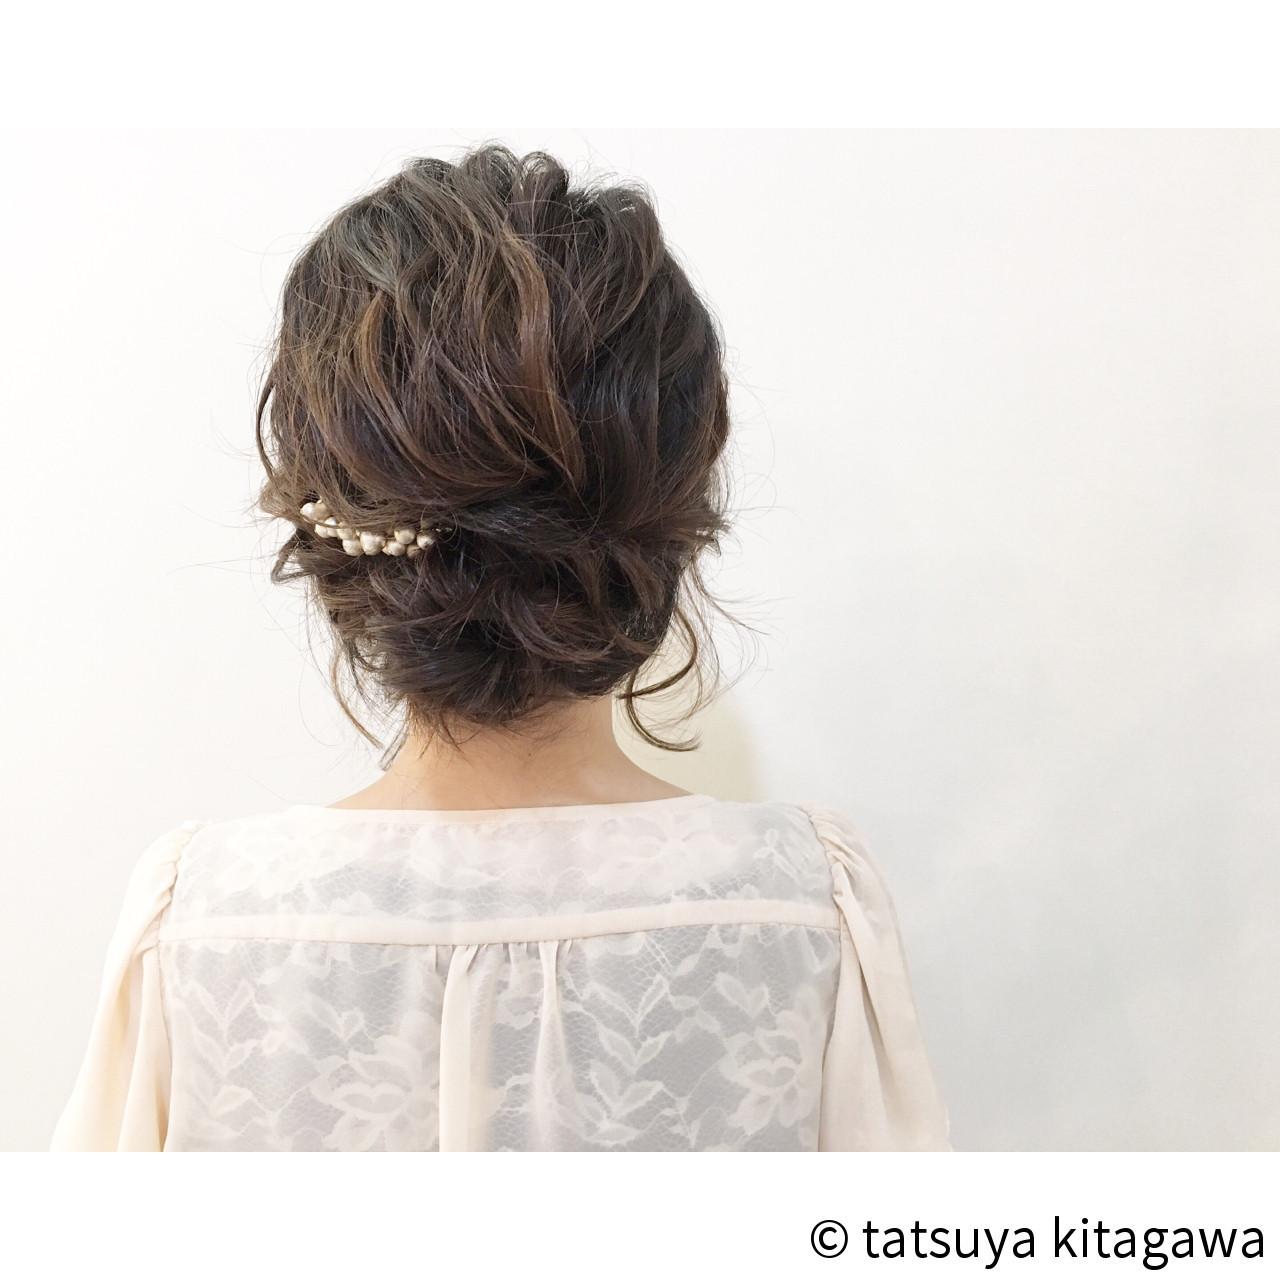 スッキリとまとめ髪風に仕上げるのもgood tatsuya kitagawa